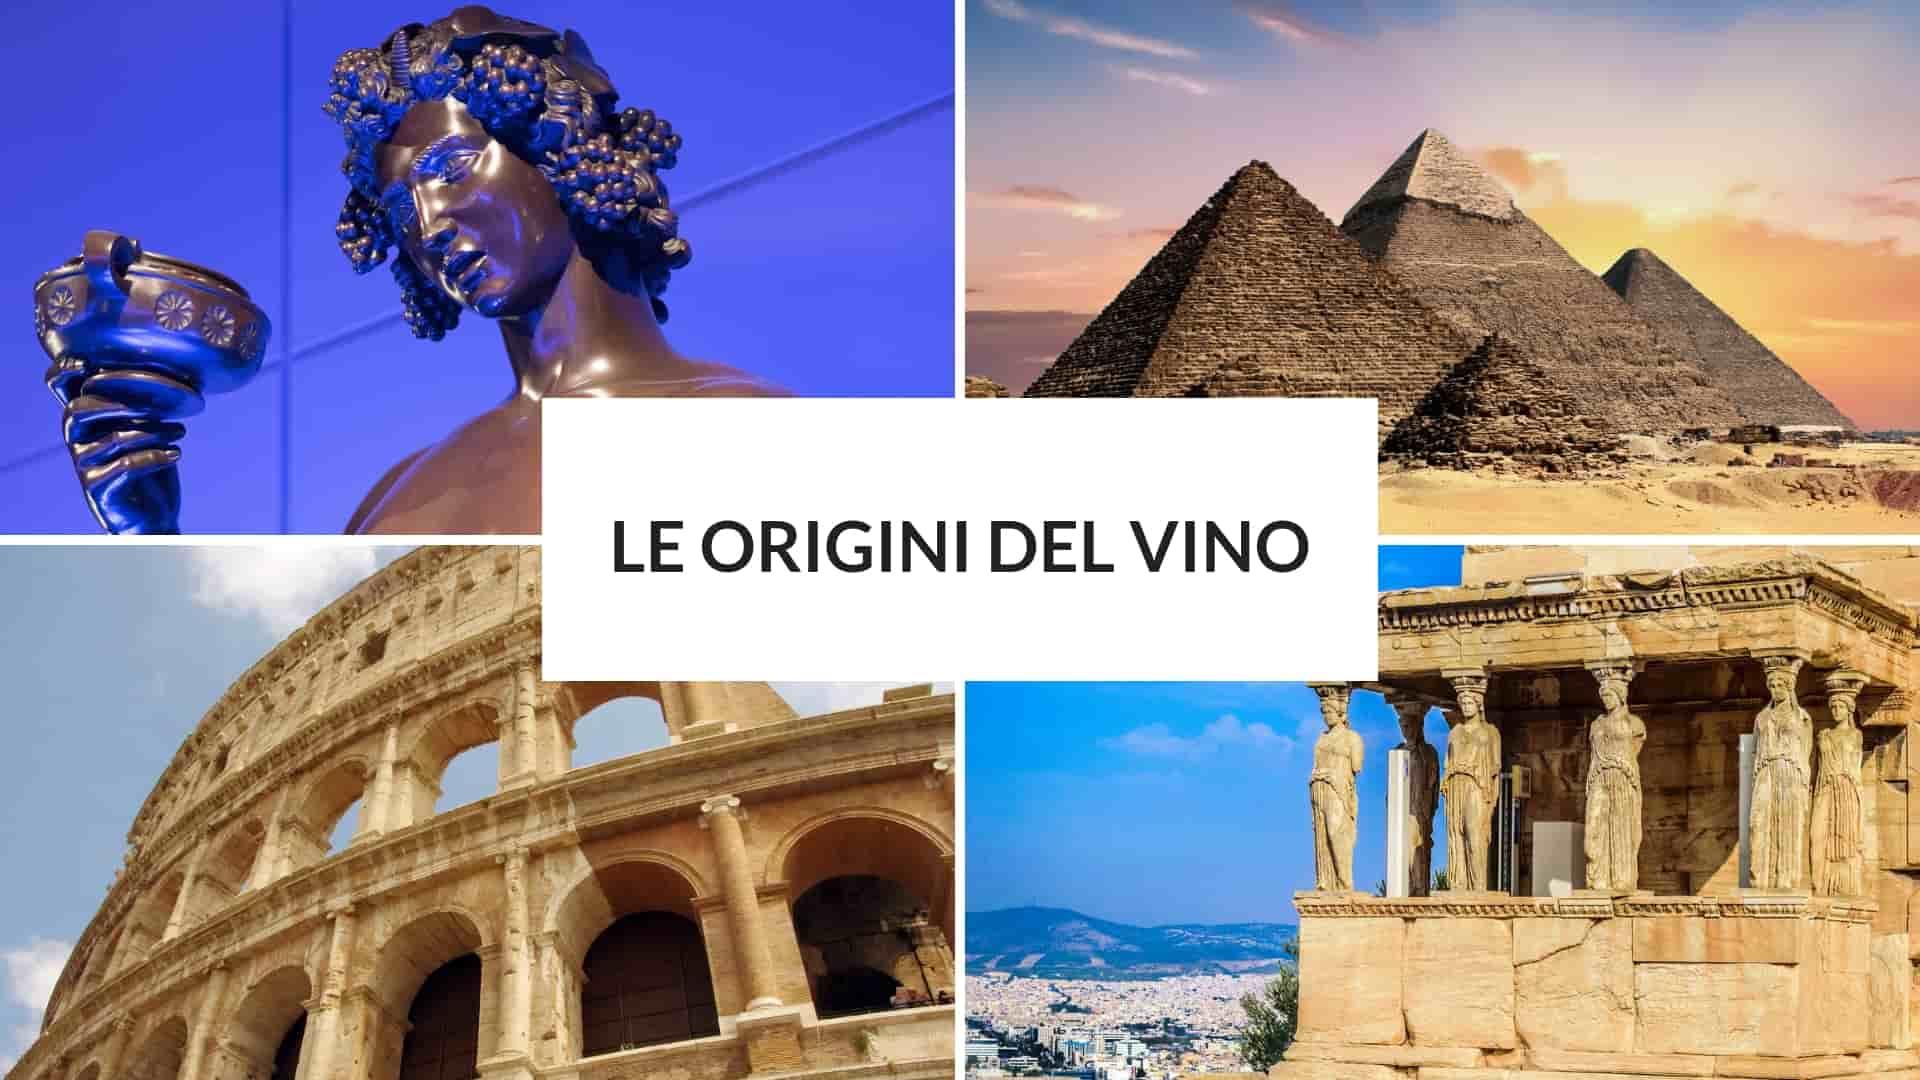 le origini del vino